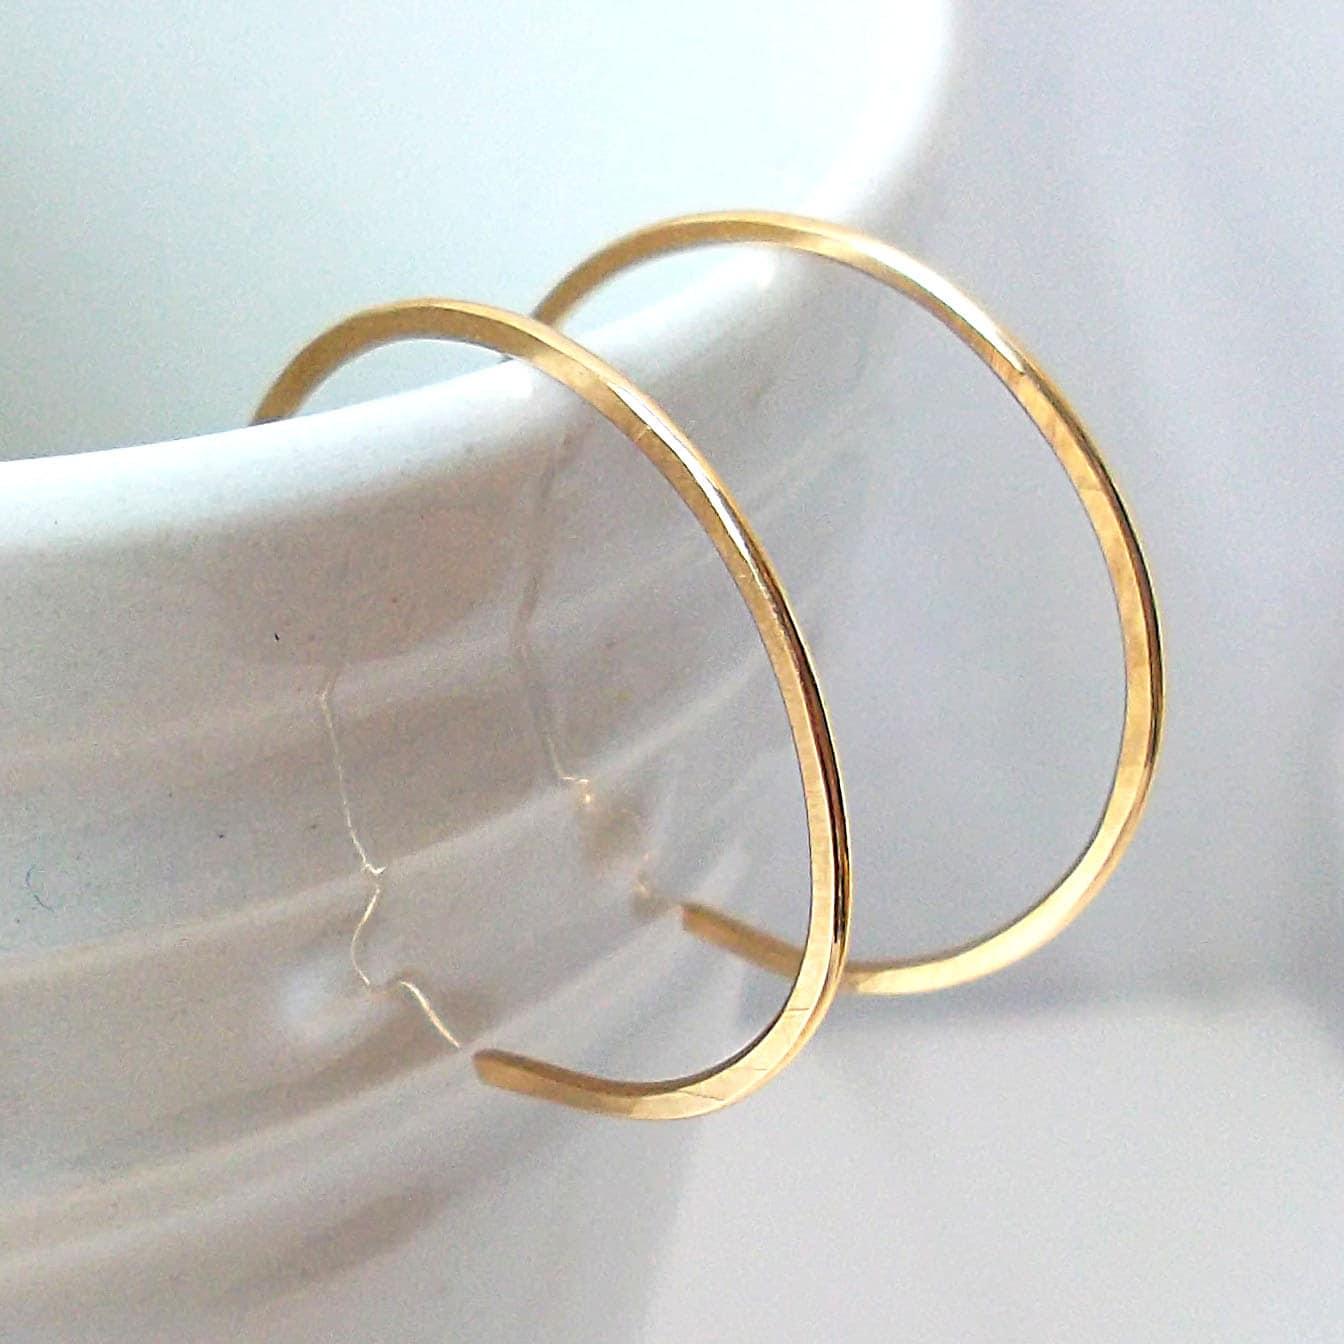 Small Hoops Gold Filled Hoop Earrings Reverse